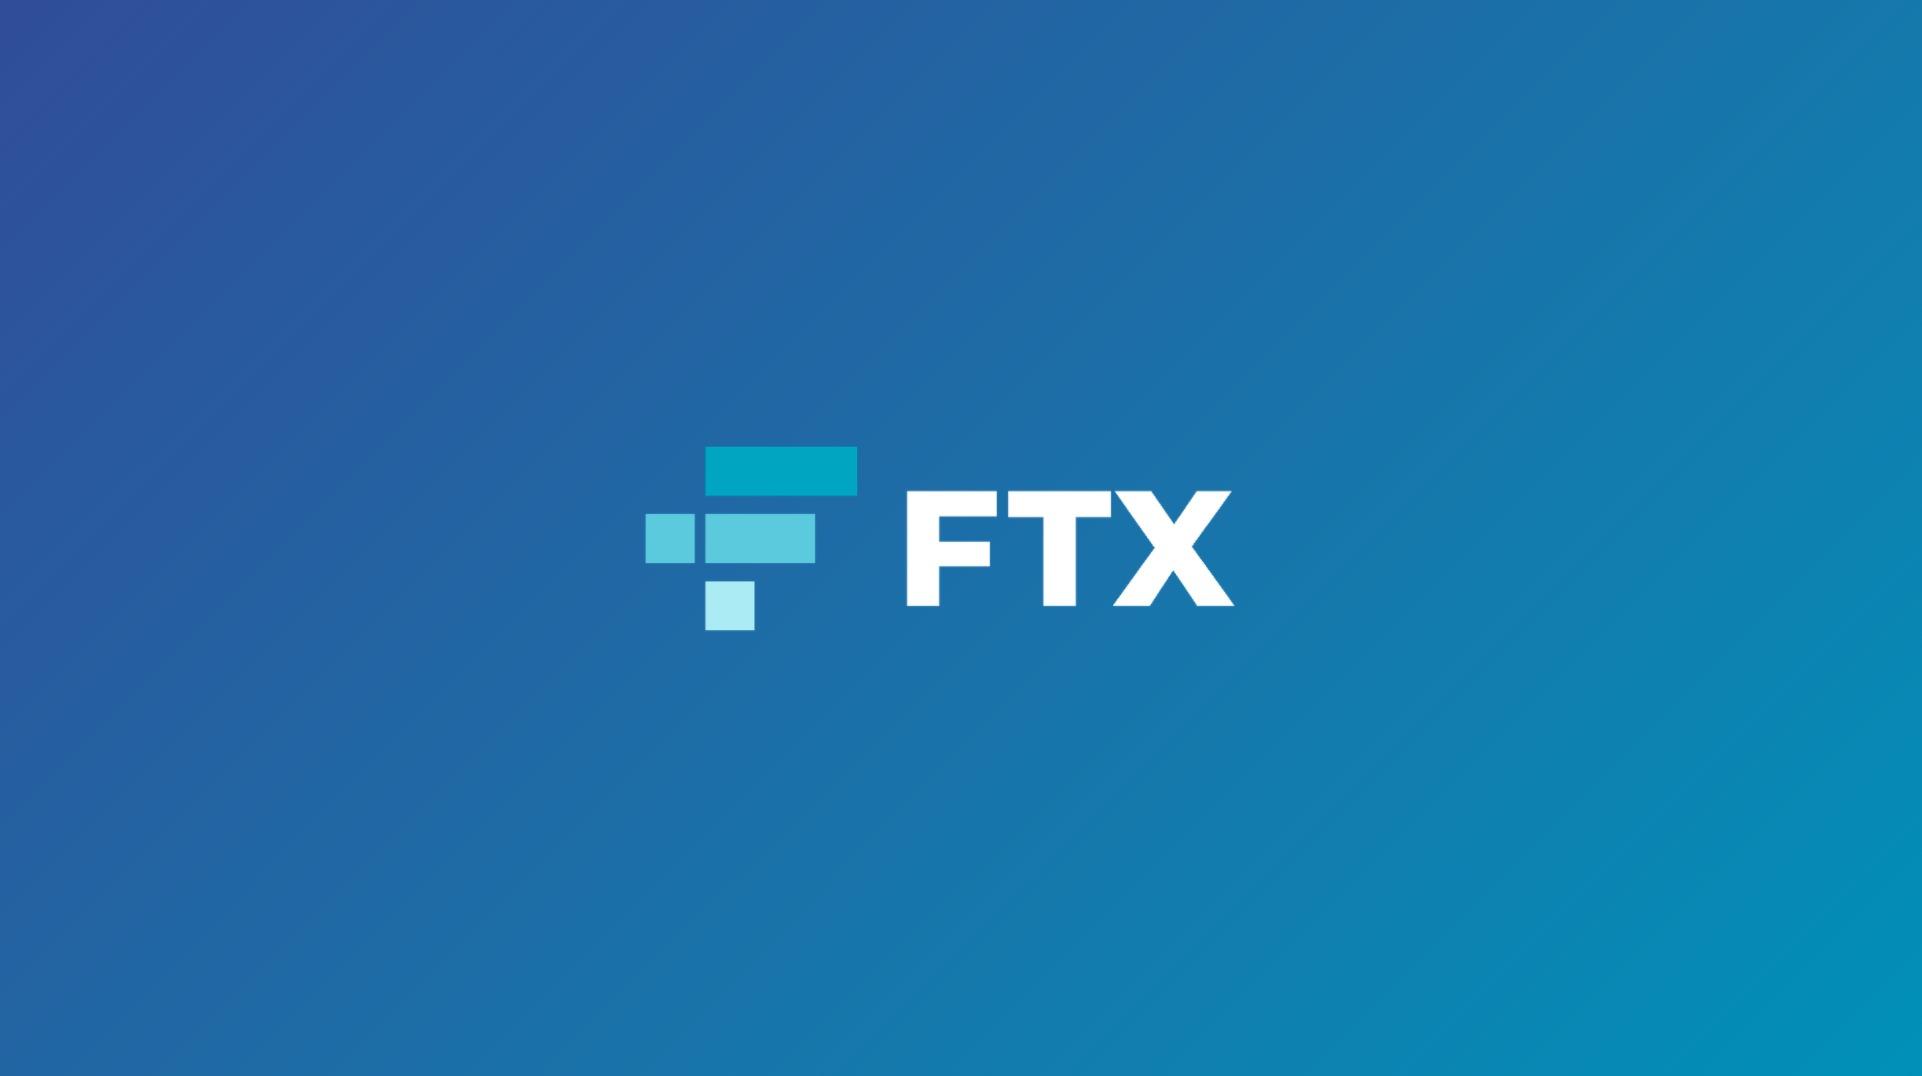 FTXの特徴・口座開設方法をわかりやすく解説!【ユニークな銘柄が多い】